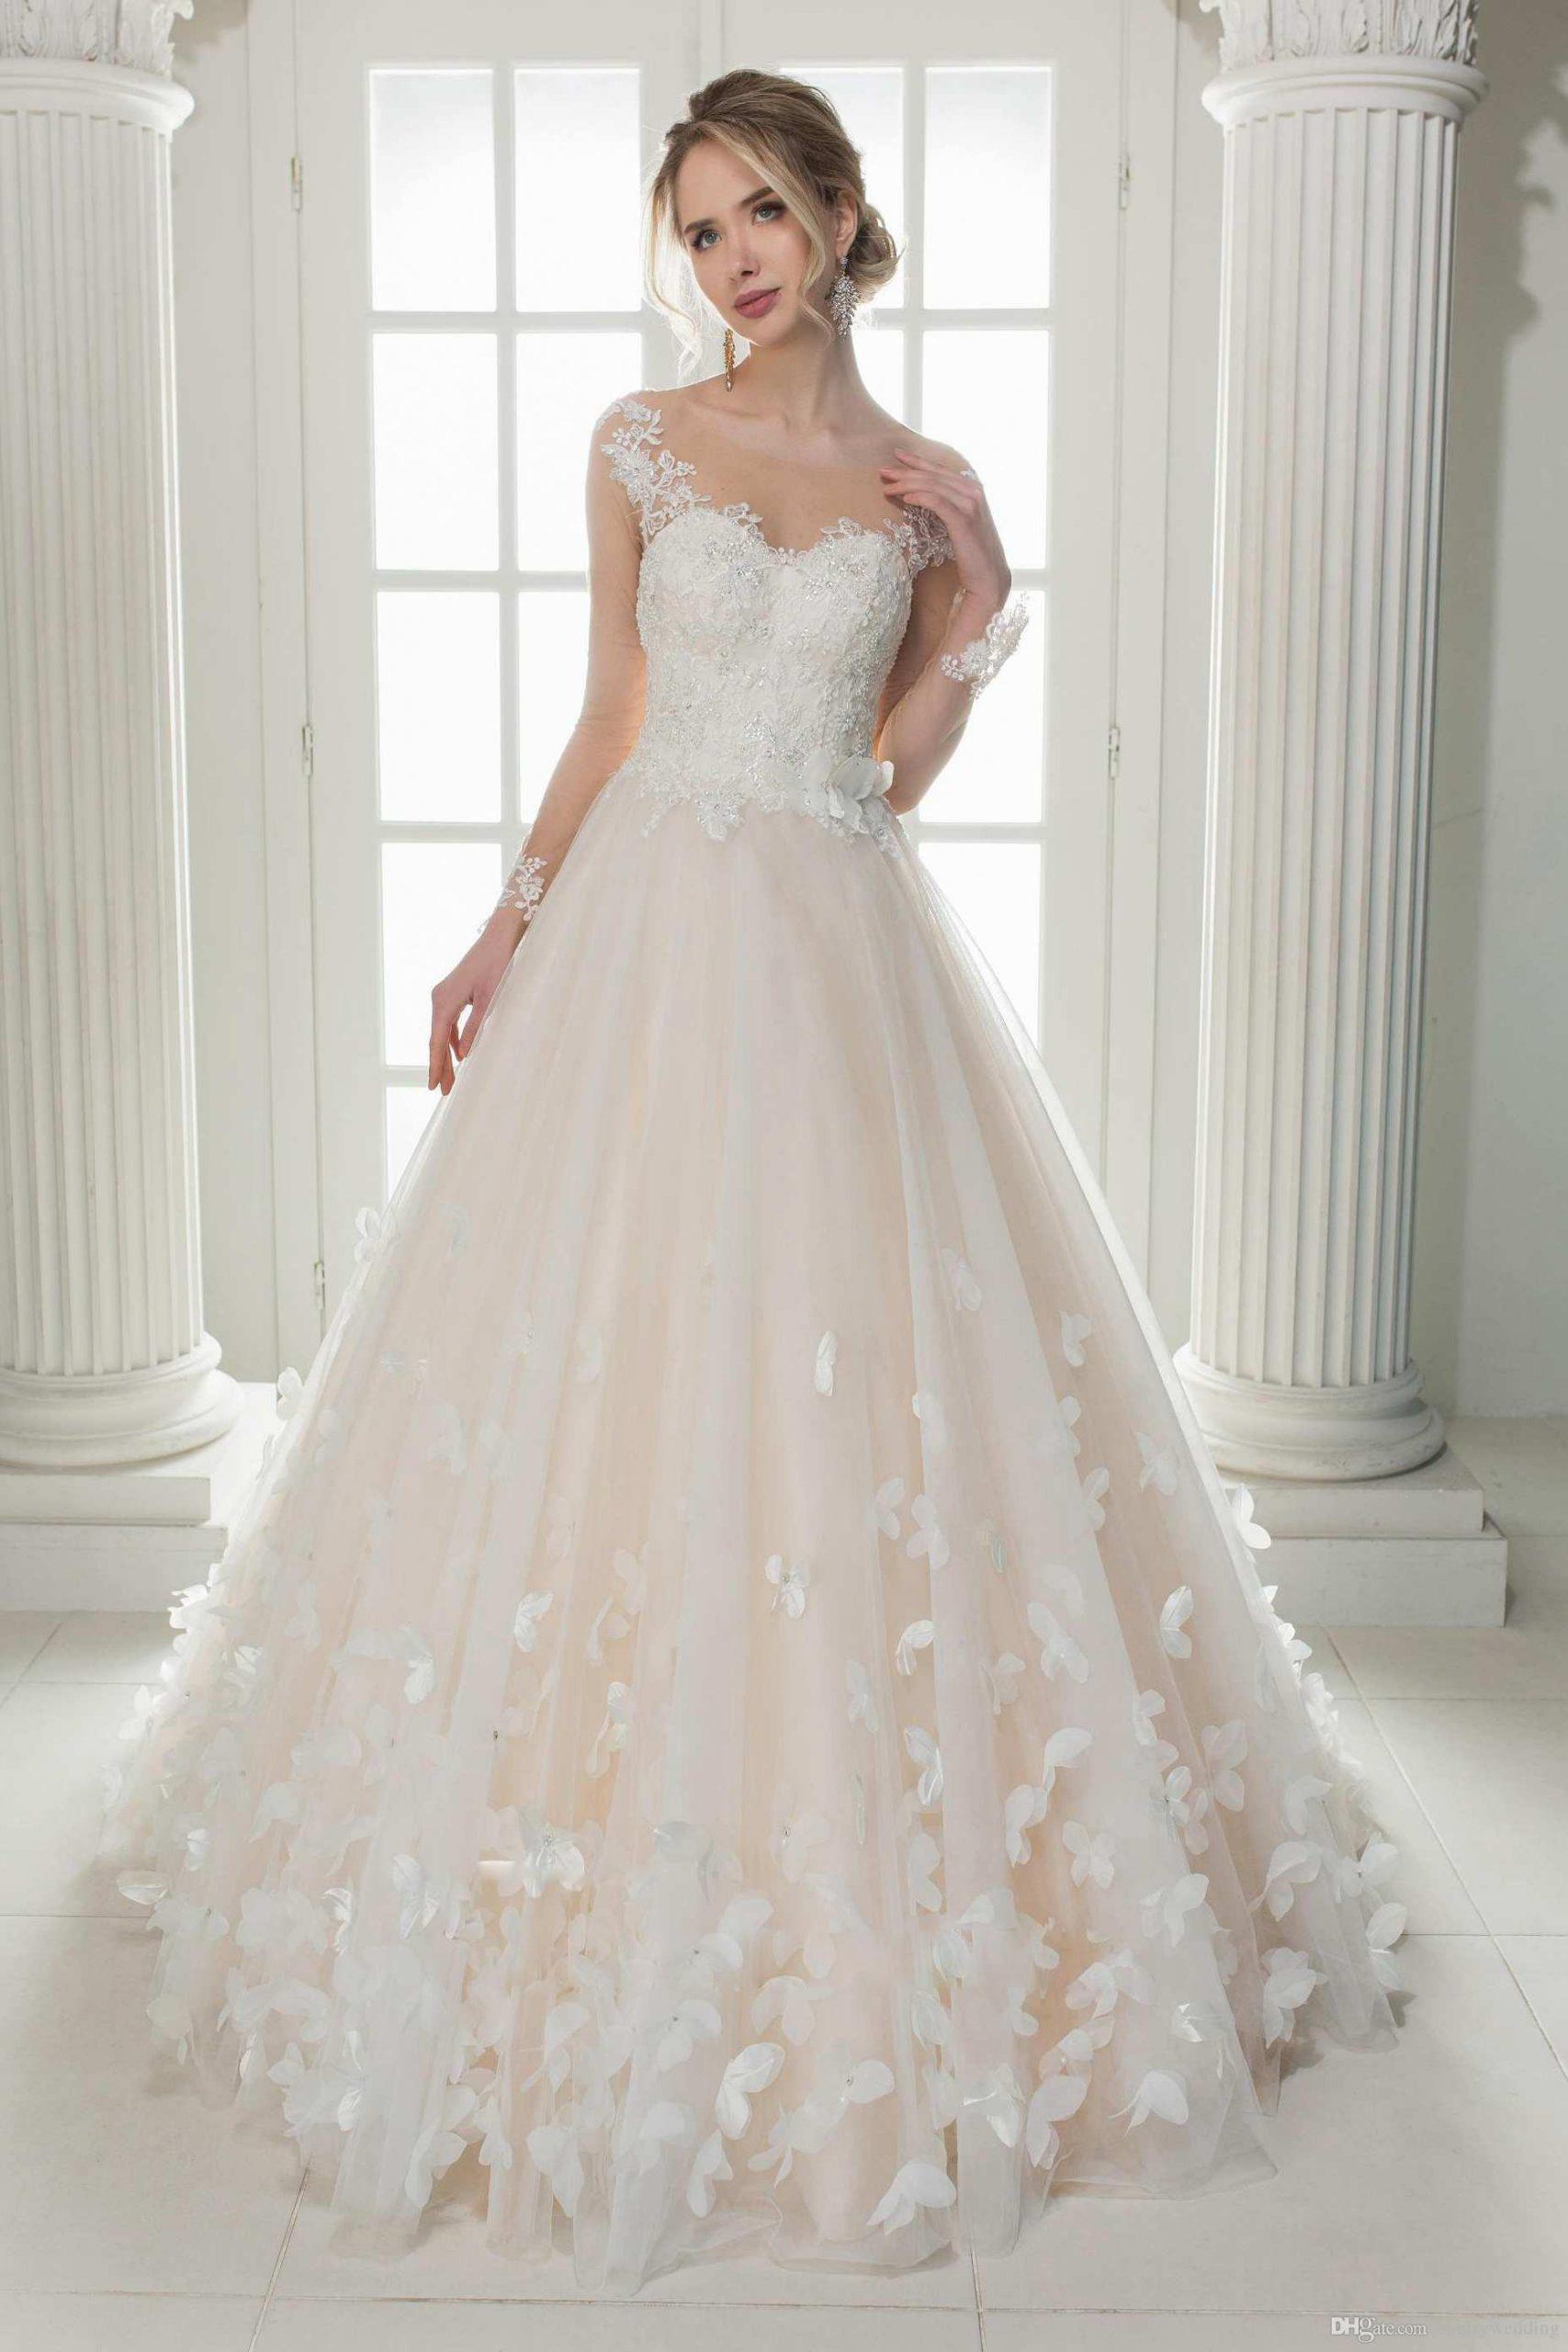 10 Elegant Günstige Brautkleider Vertrieb13 Top Günstige Brautkleider Vertrieb